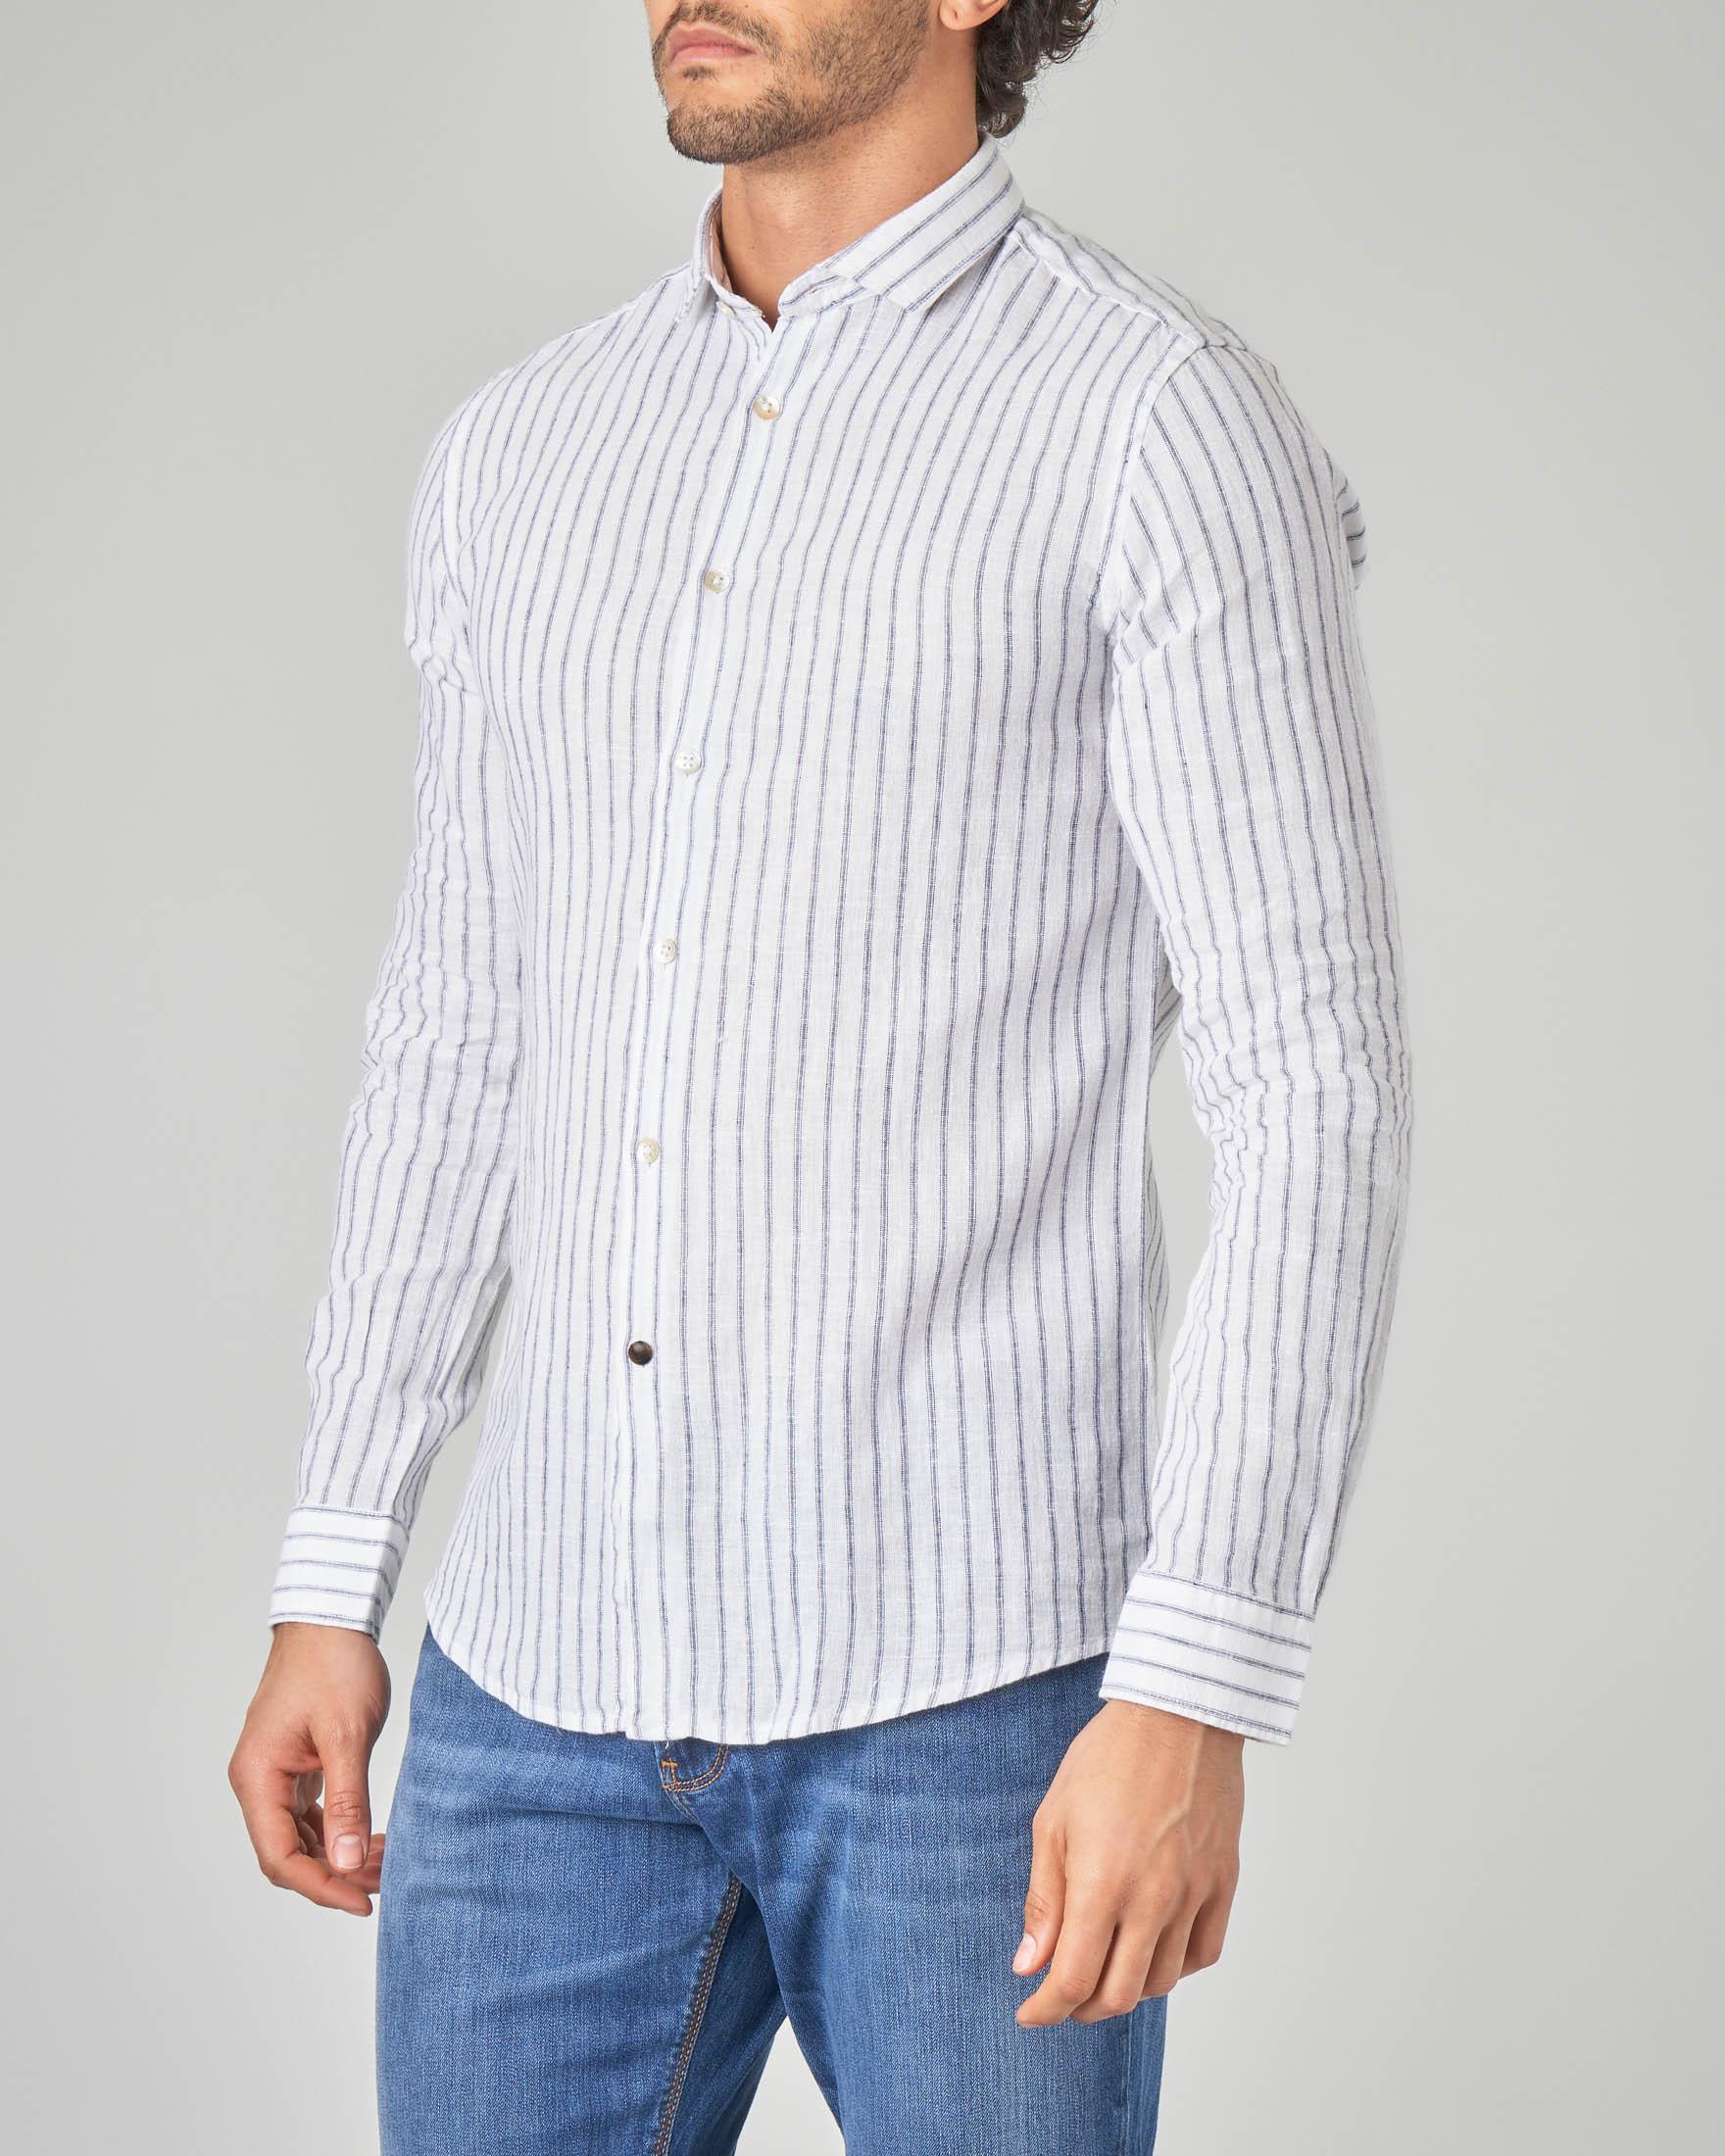 Camicia bianca a righe blu con collo francese